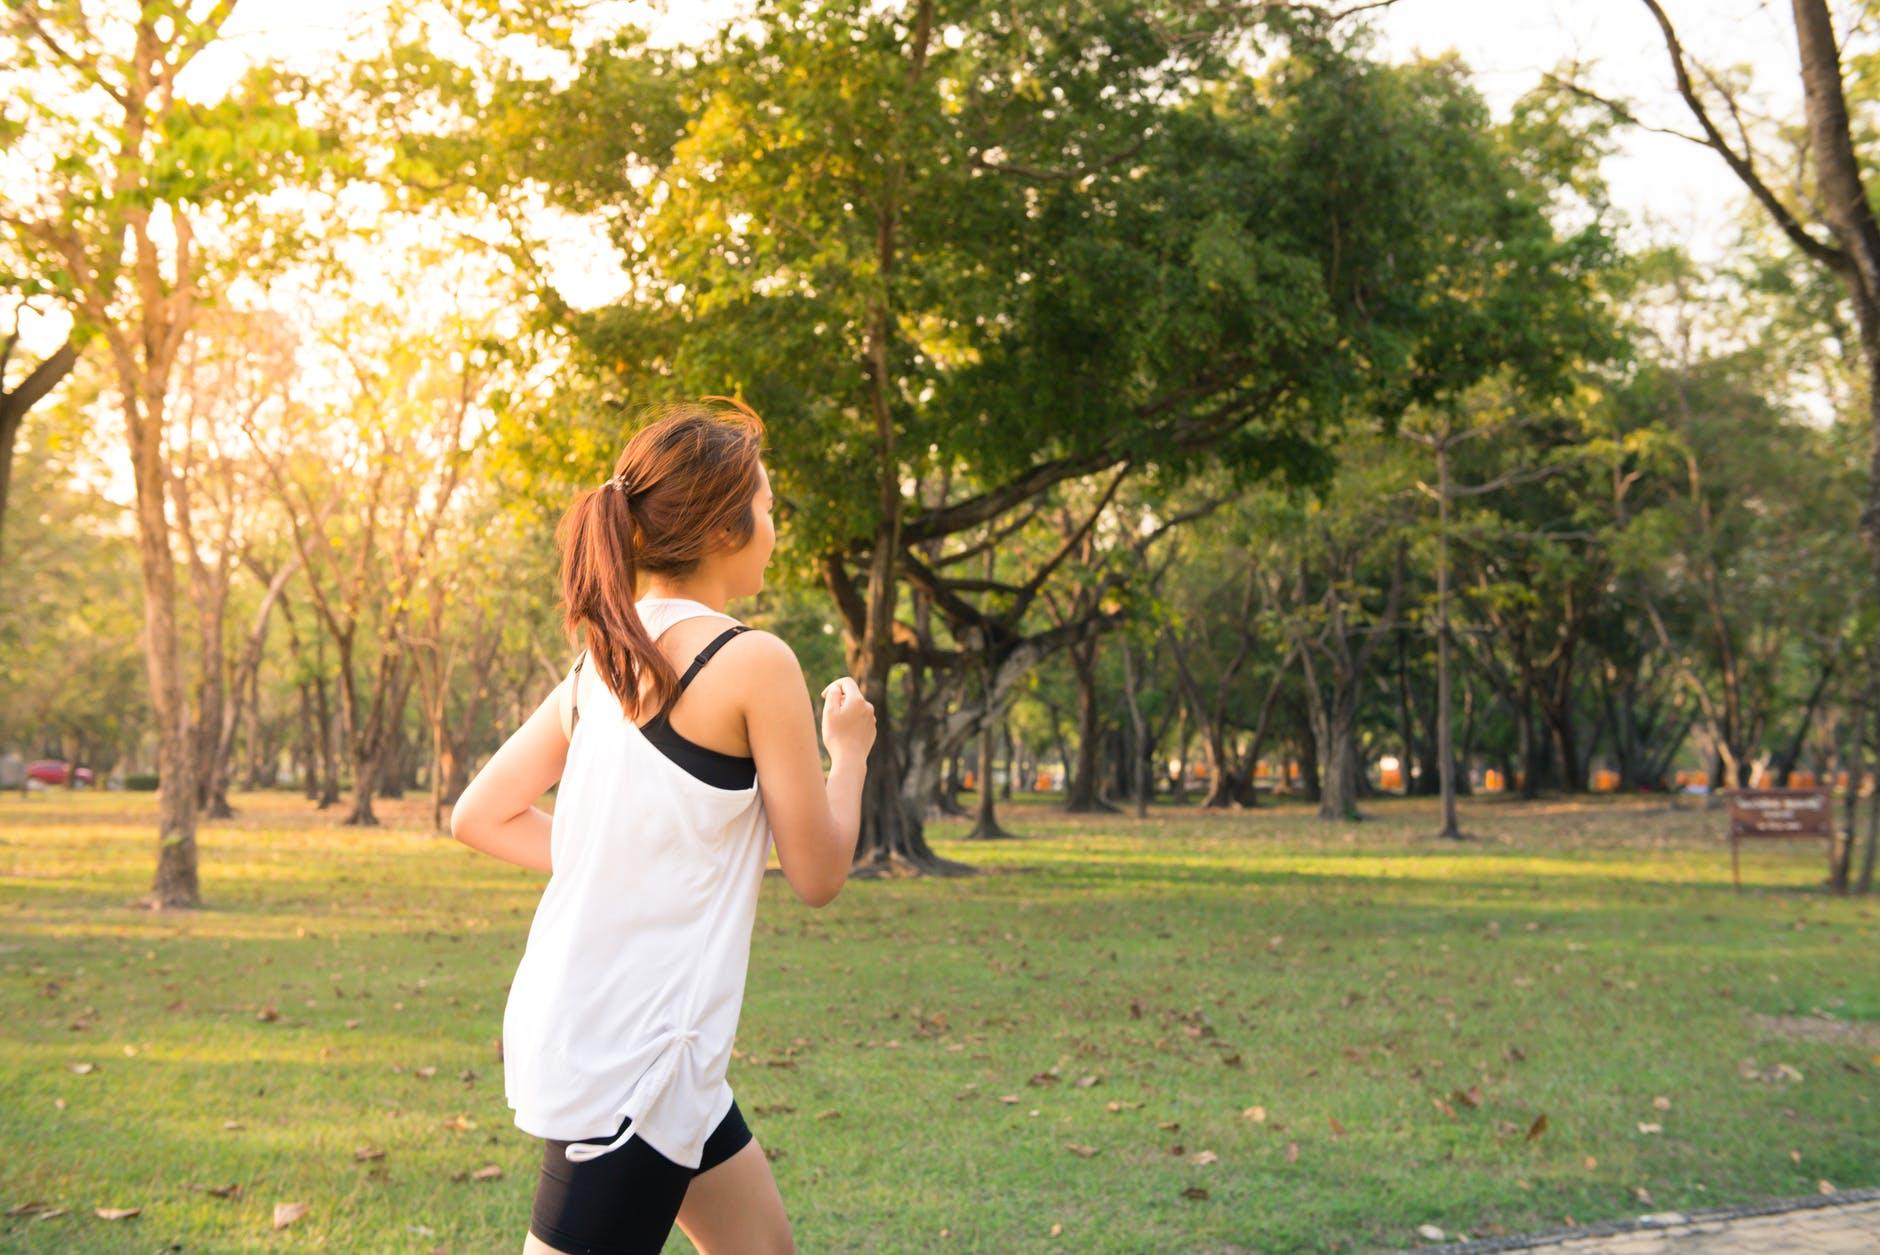 4 puntos que debes observar en tu outfit para entrenar con comodidad